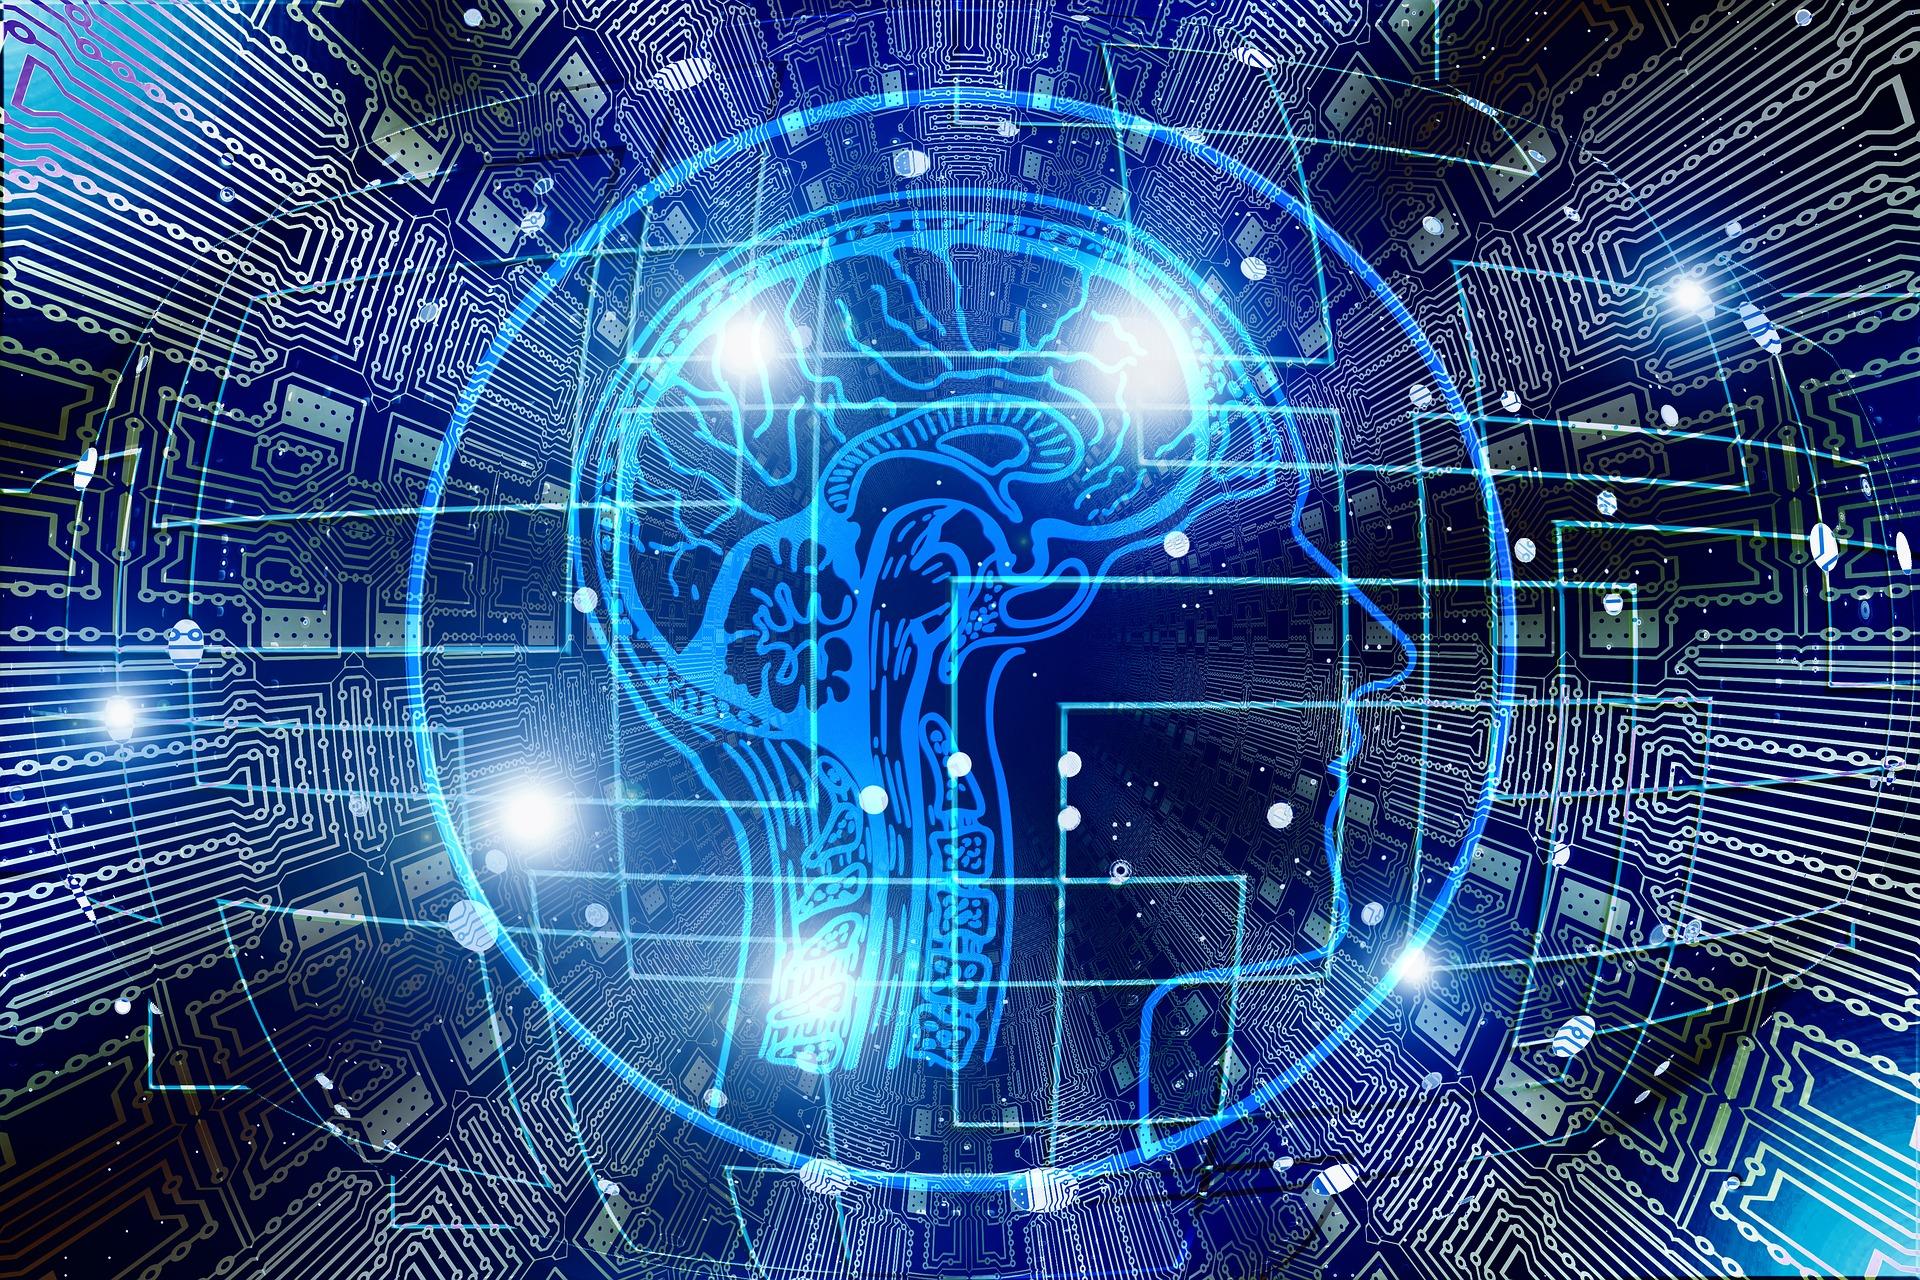 Imagem de cérebro sobreposto por linhas elétricas, denotando tecnologia